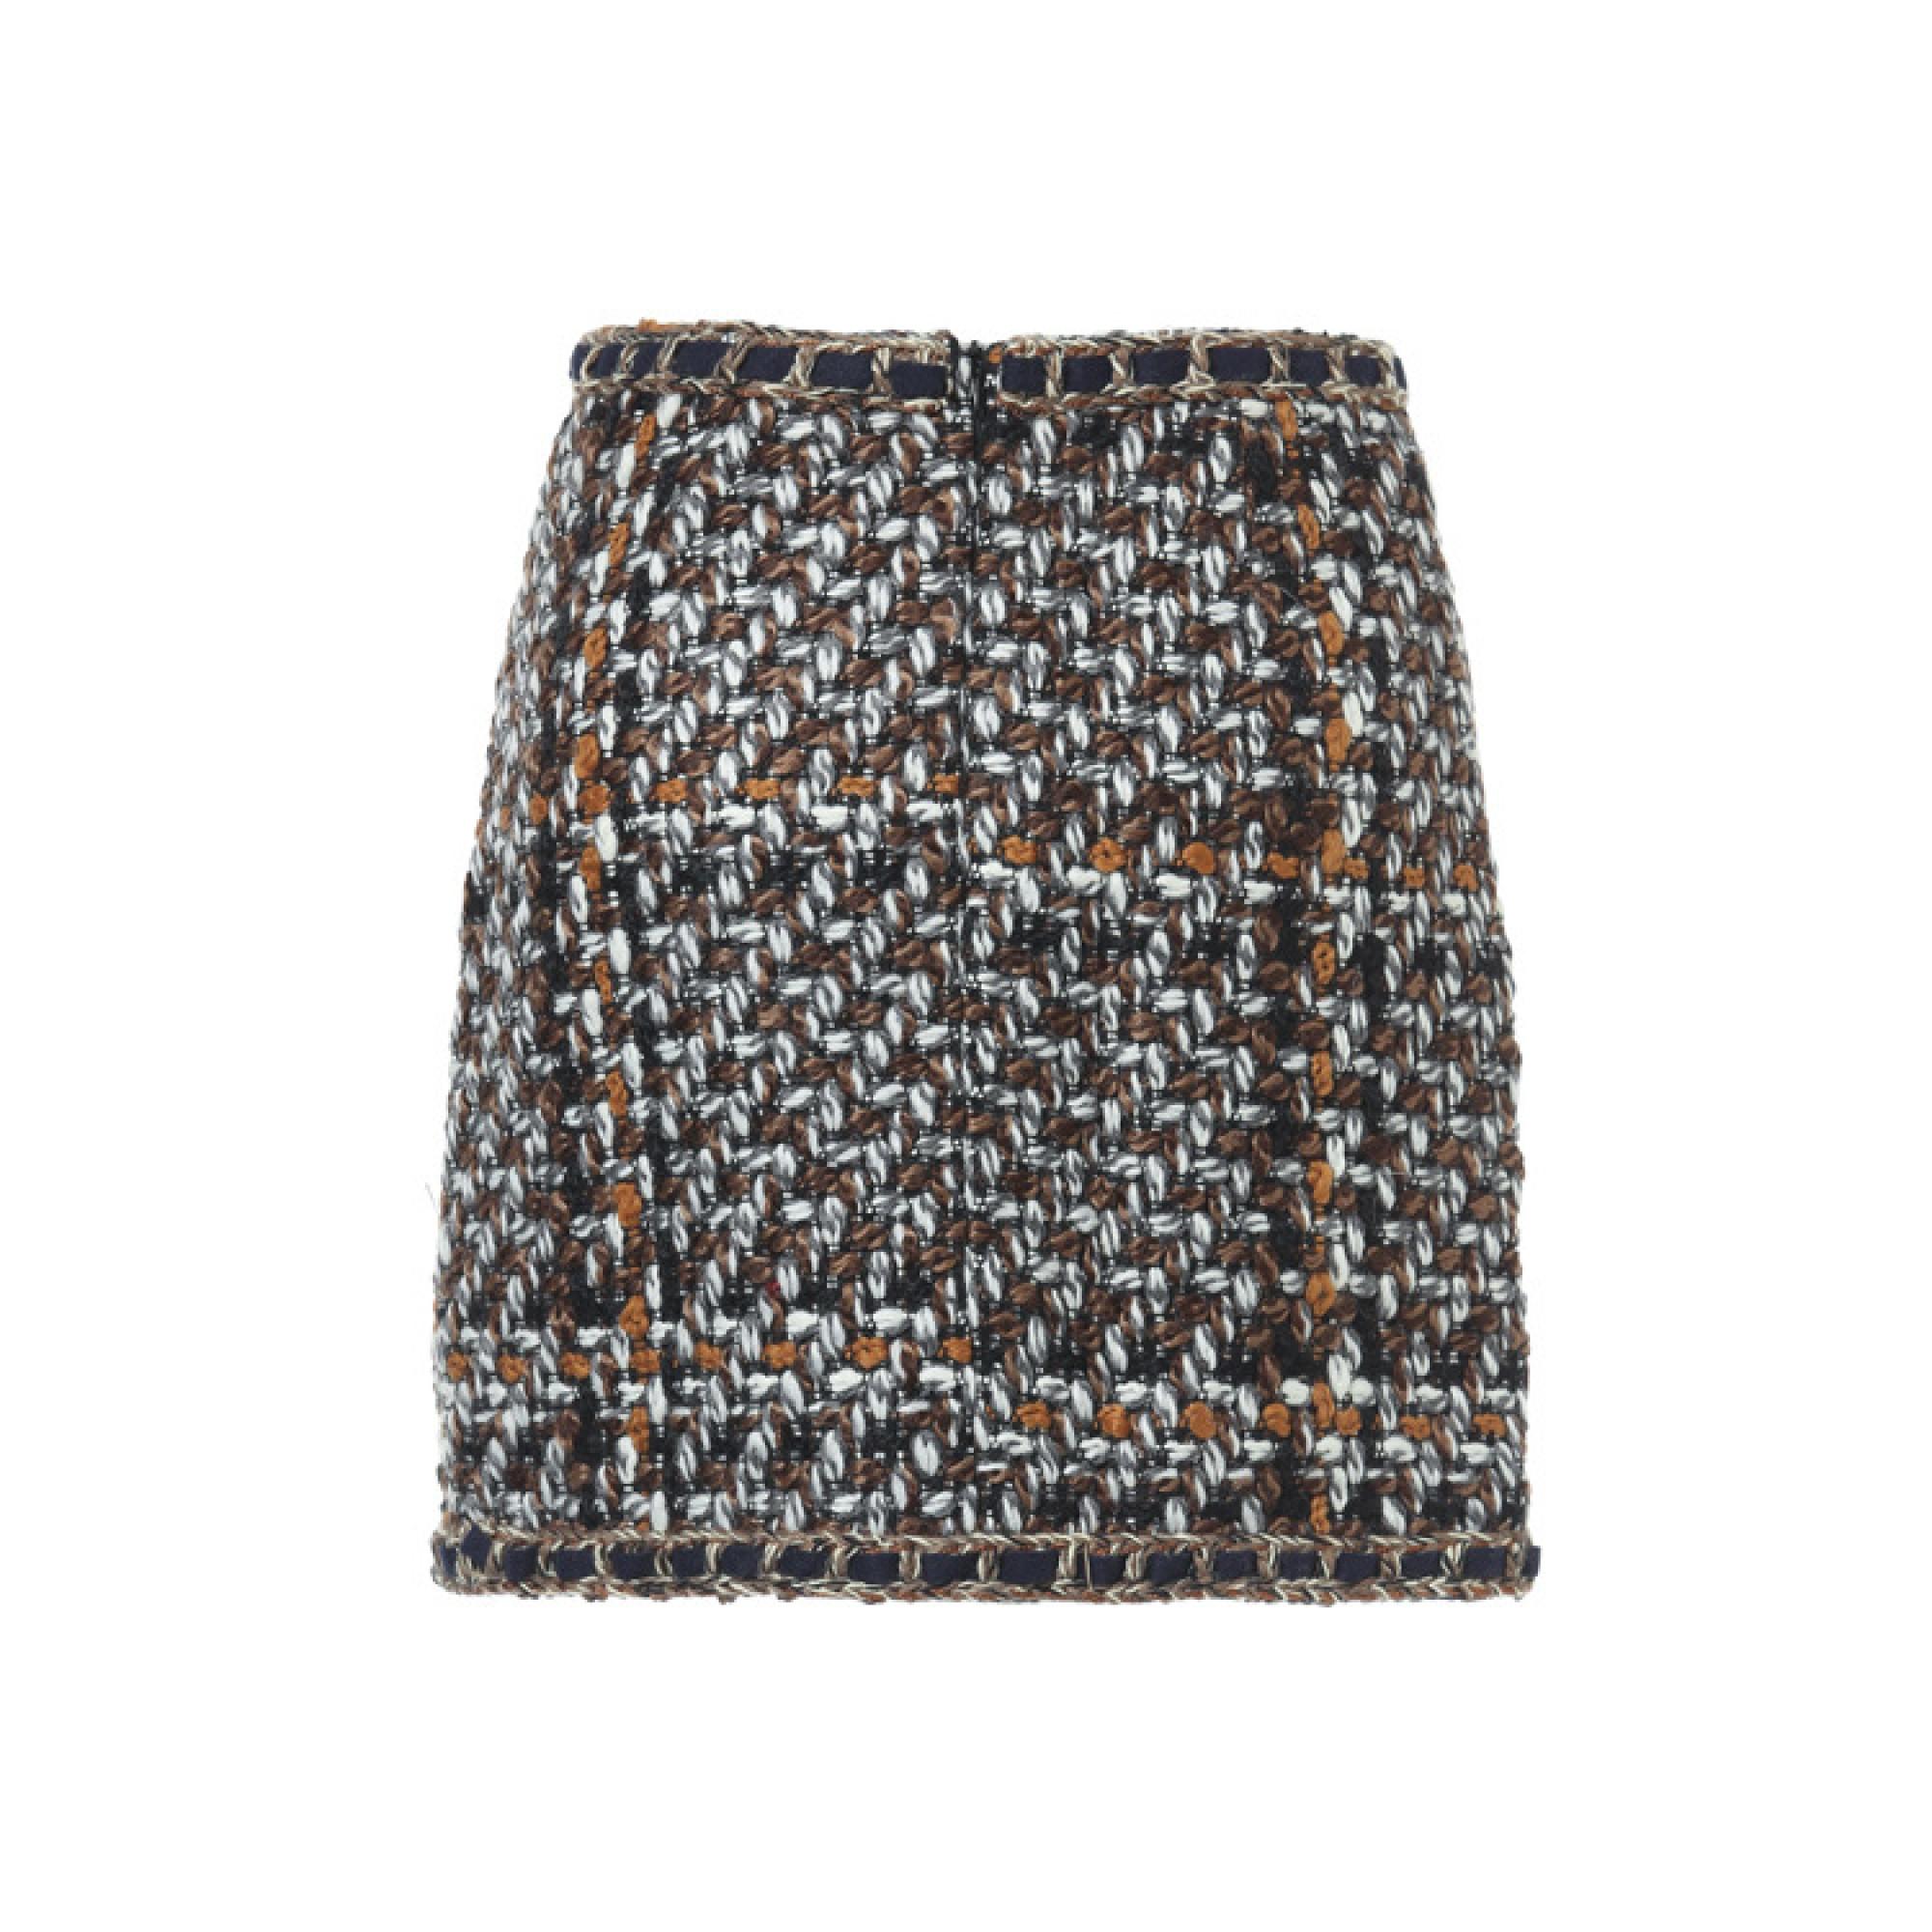 898a4b42b051 Купить твидовая юбка от Chanel — в Киеве, код товара 28456